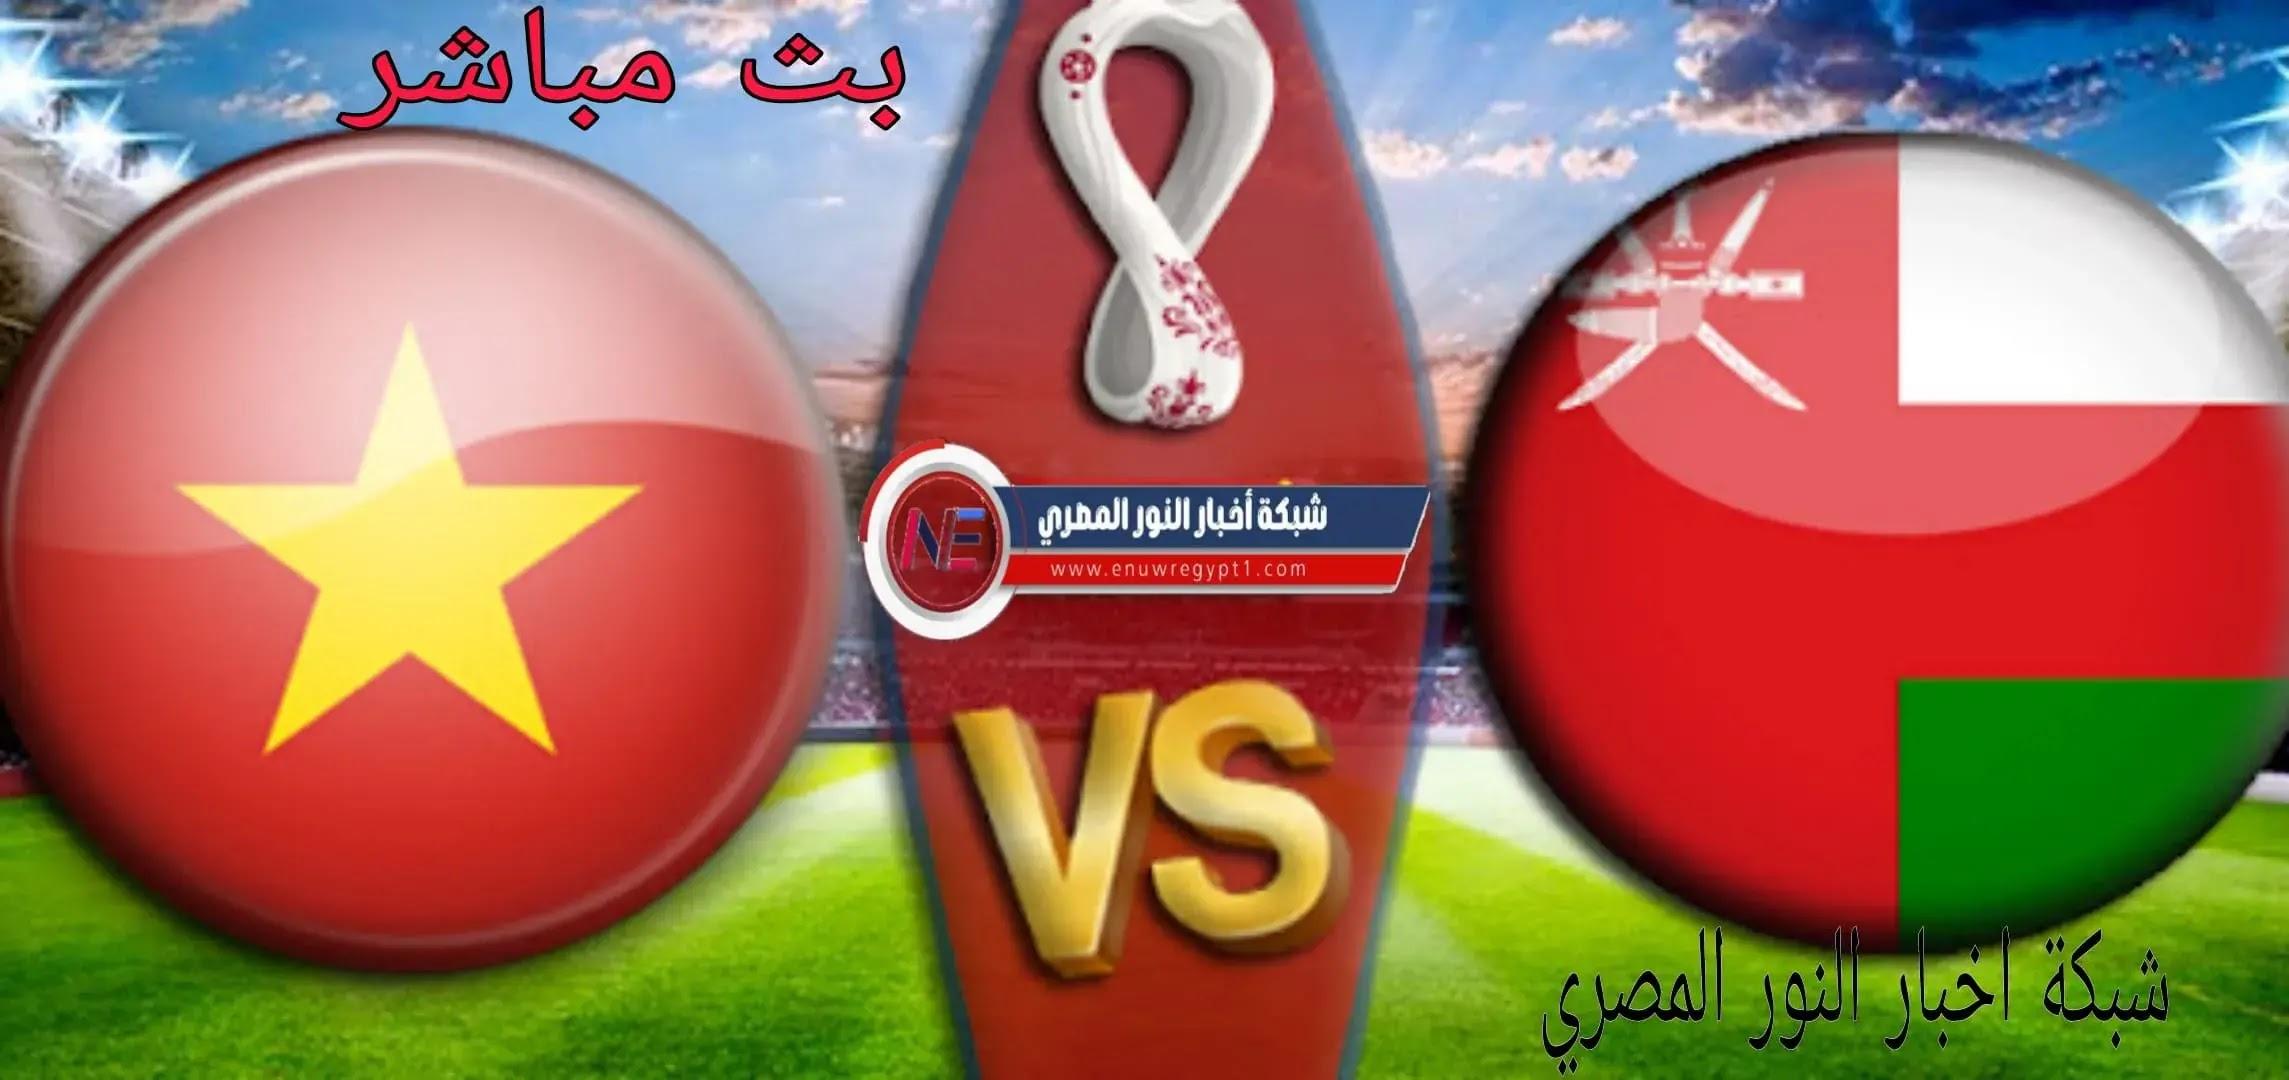 مشاهدة مباراة عمان و فيتنام بث مباشر يلا شوت يوتيوب اليوم 12-10-2021 لايف في تصفيات كأس العالم بجودة عالية